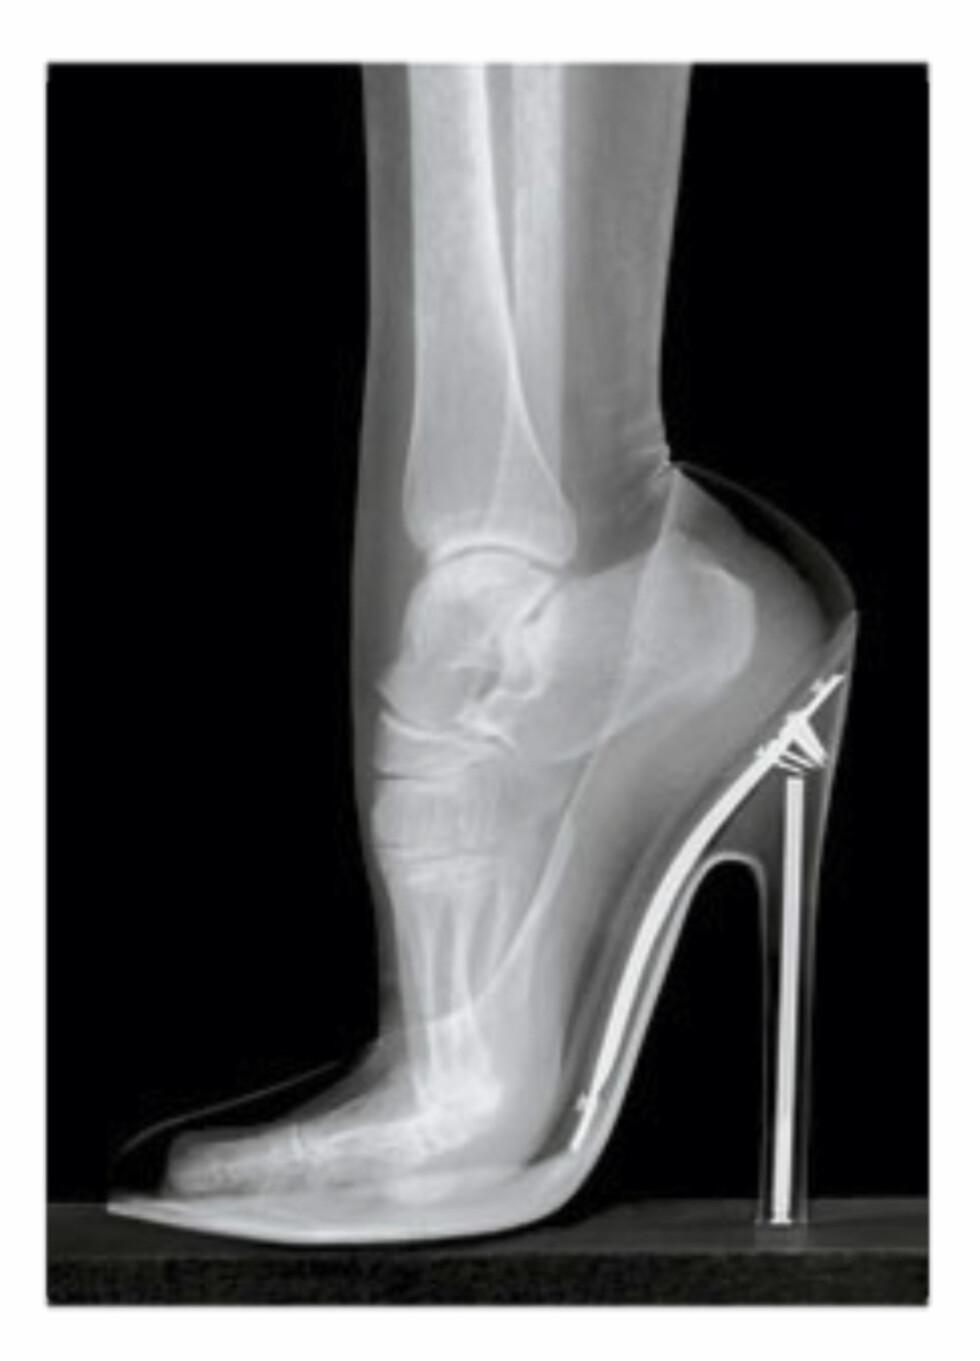 RØNTGEN: Ved hjelp av røntgen, kan man raskt se hvor unaturlig denne posisjonen egentlig er for foten.  Foto: Naprapatsenteret